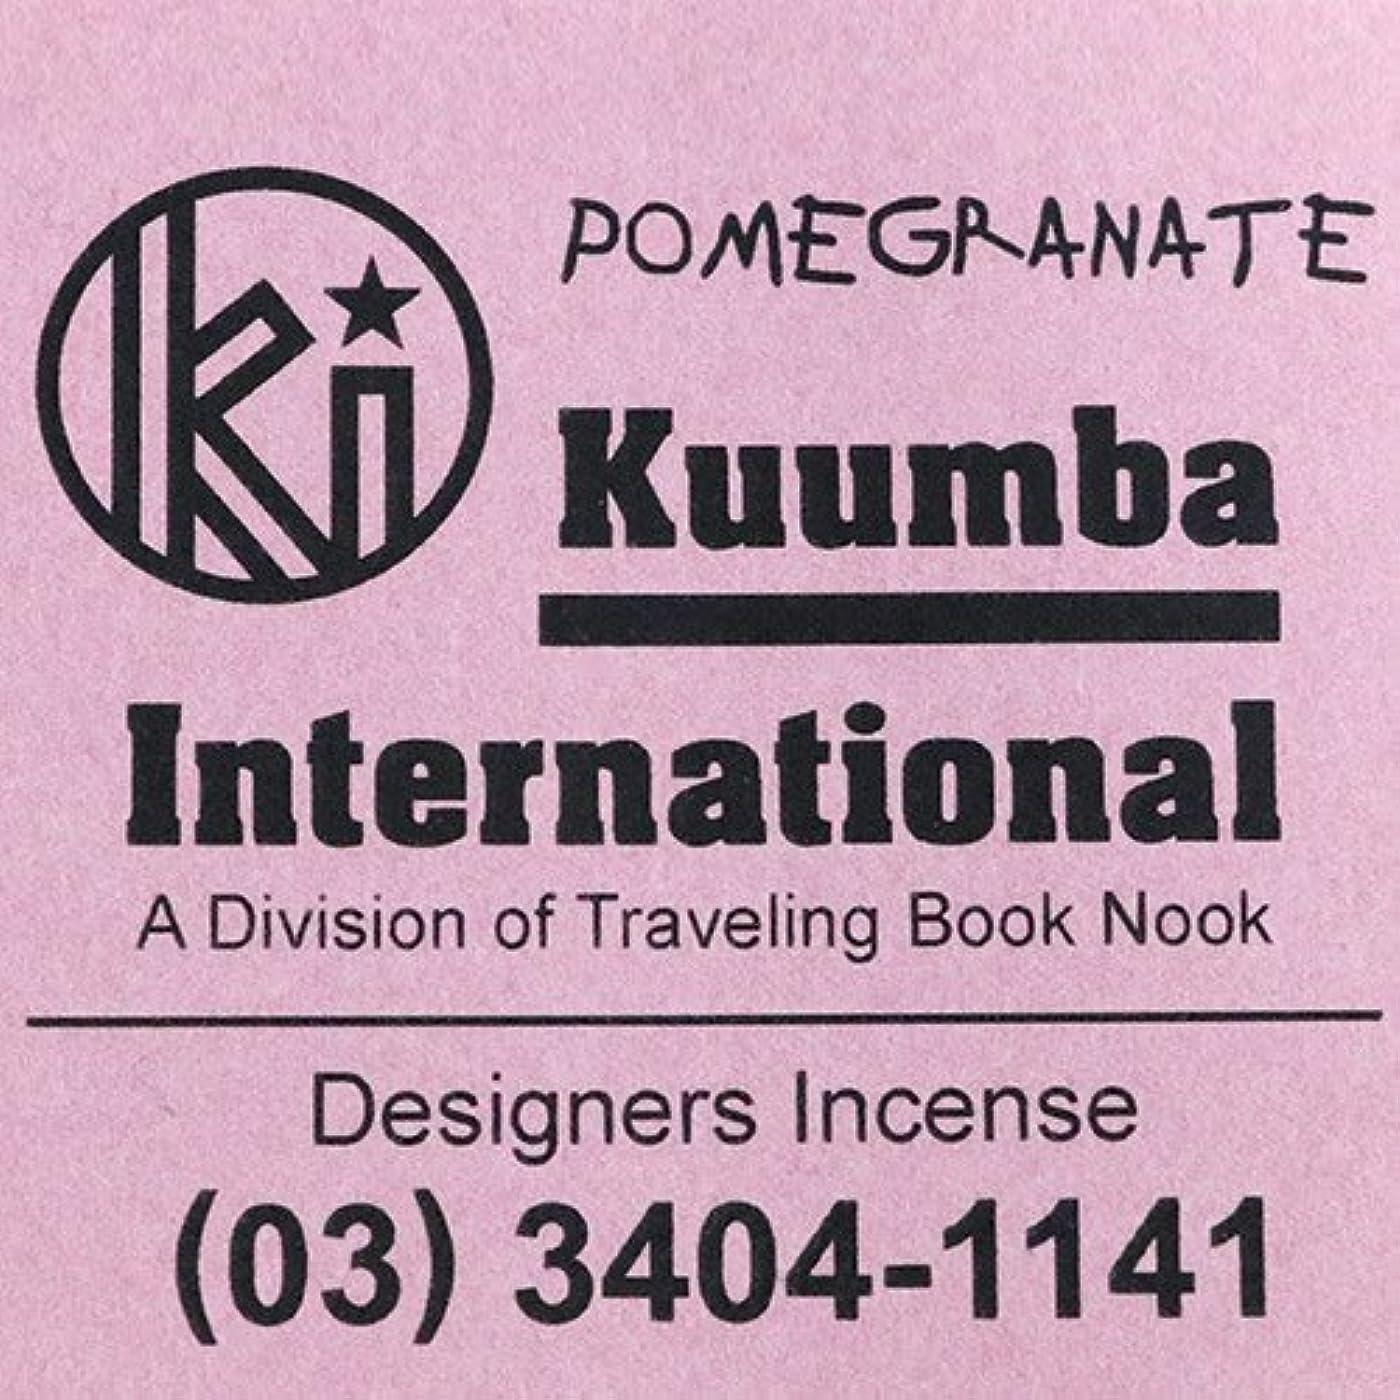 野菜すみません対称(クンバ) KUUMBA『incense』(POMEGRANATE) (Regular size)